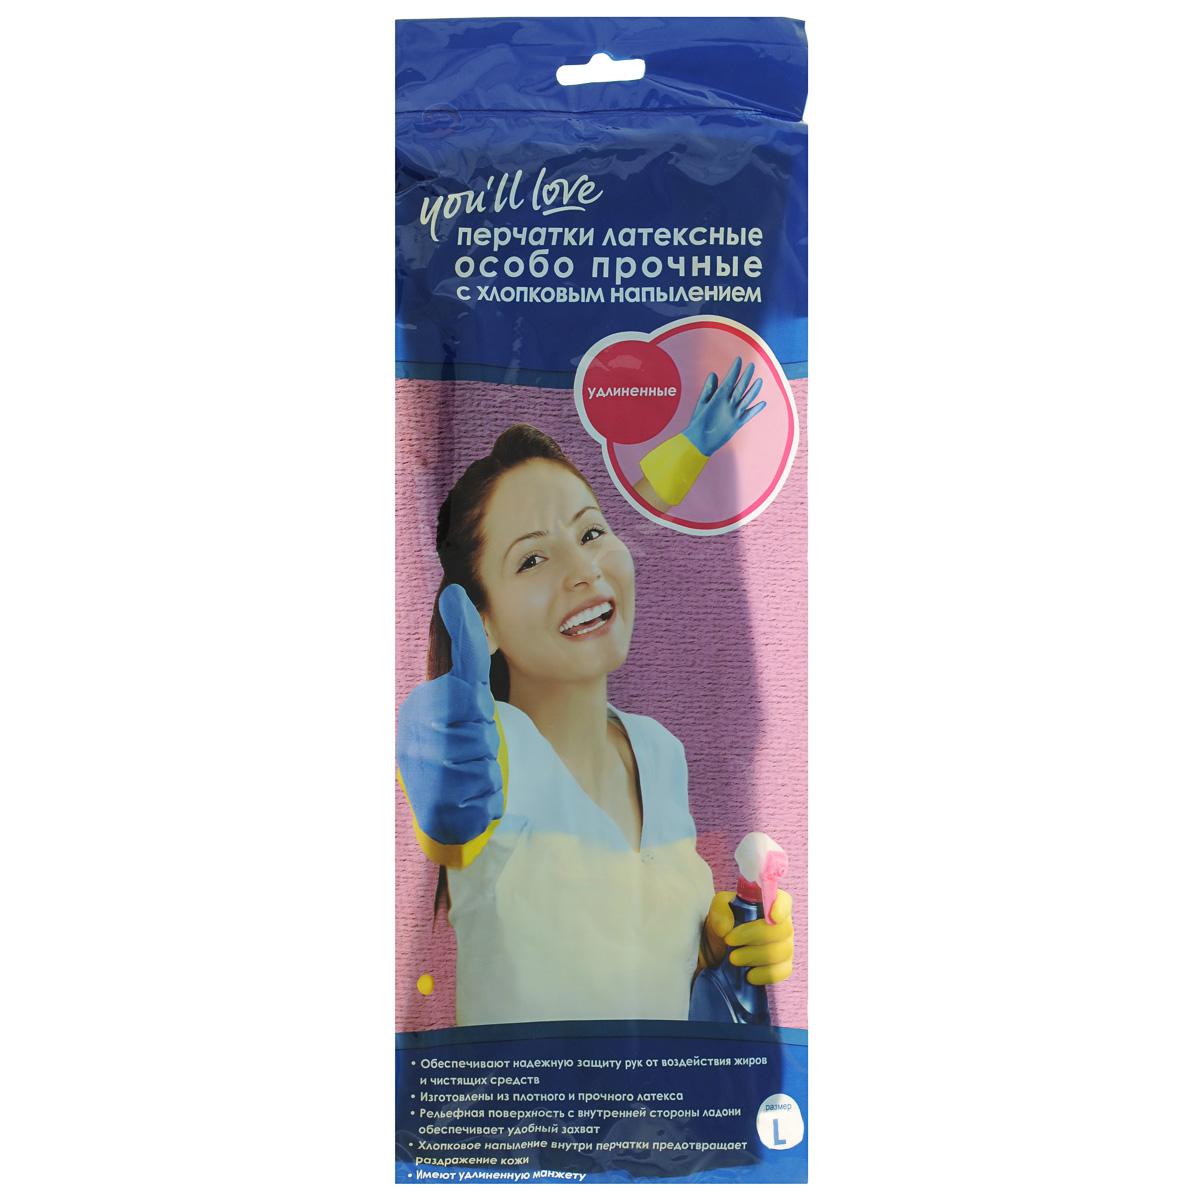 Перчатки латексные Youll love, особо прочные, удлиненные. Размер L61300Особо прочные, плотные латексные перчатки Youll love с хлопковым напылением. Отлично защищают руки от загрязнений и воздействия моющих средств. Имеют удлиненную манжету. Рельефная поверхность с внутренней стороны ладони обеспечивает удобный захват и антискользящий эффект. Хлопковое напыление защищает от раздражений.